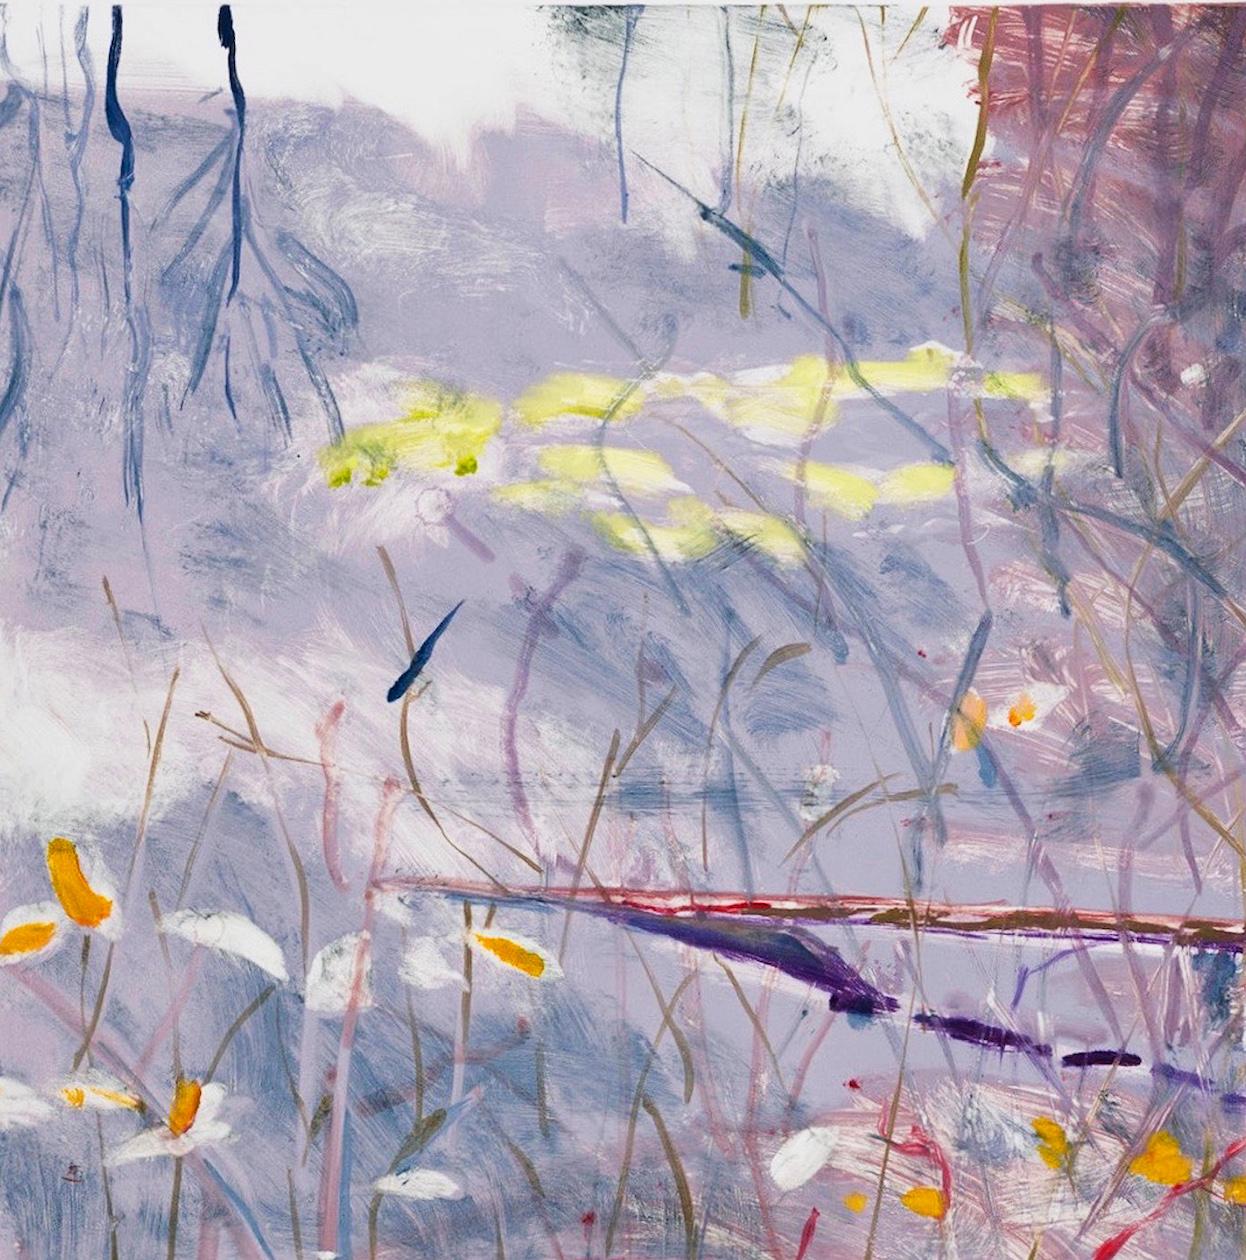 Phil Garrett: Tom's Pond Variation III